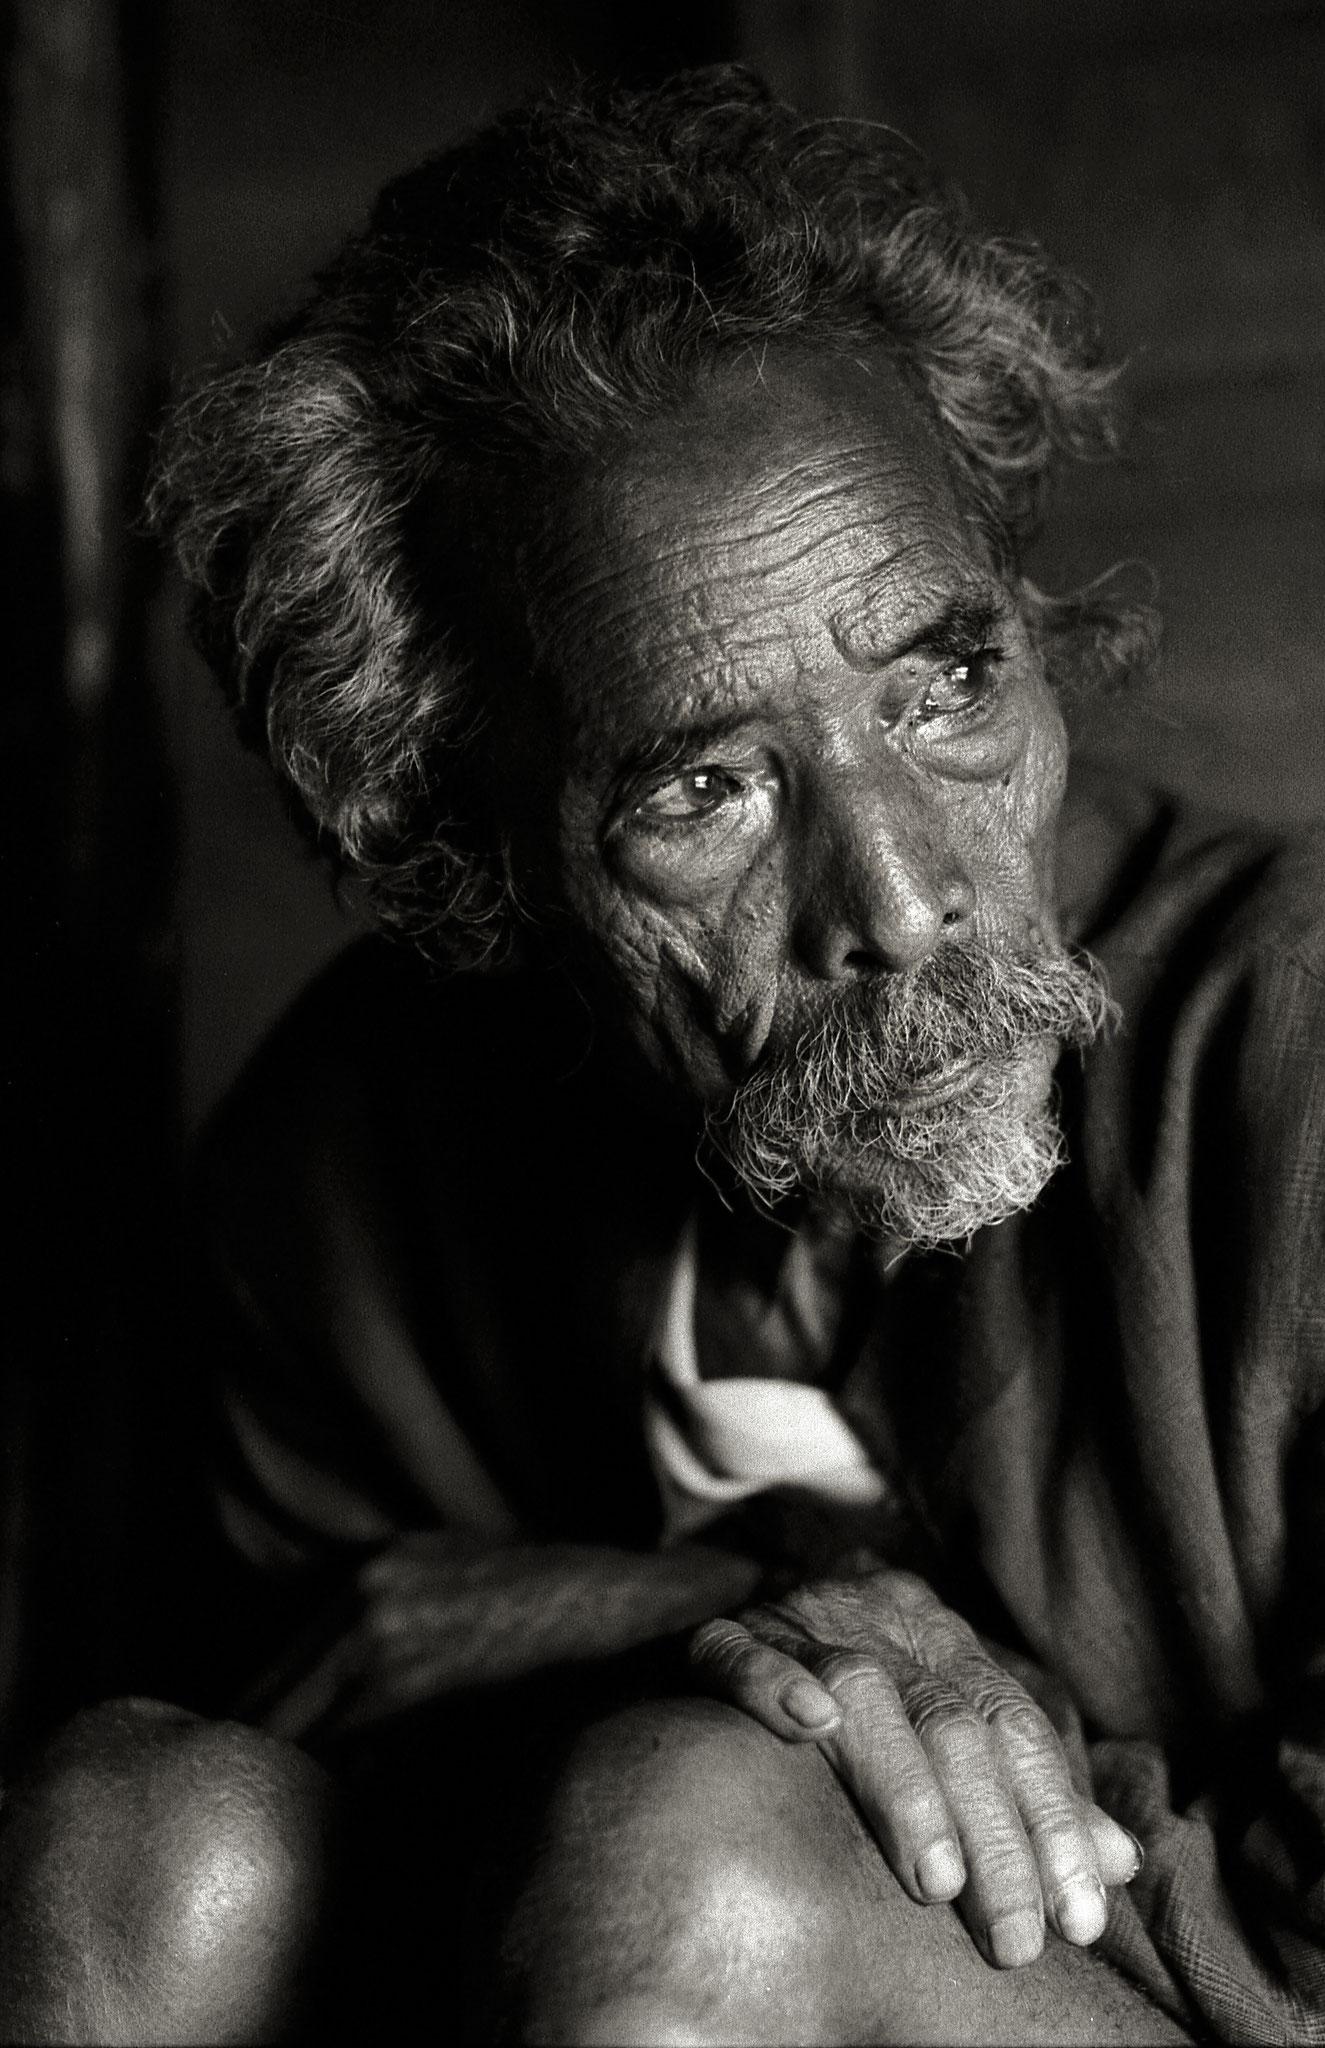 Richtig. sechs. Und eine junger Mann aus dem Dorf. Der Tigermann Joit Makri.